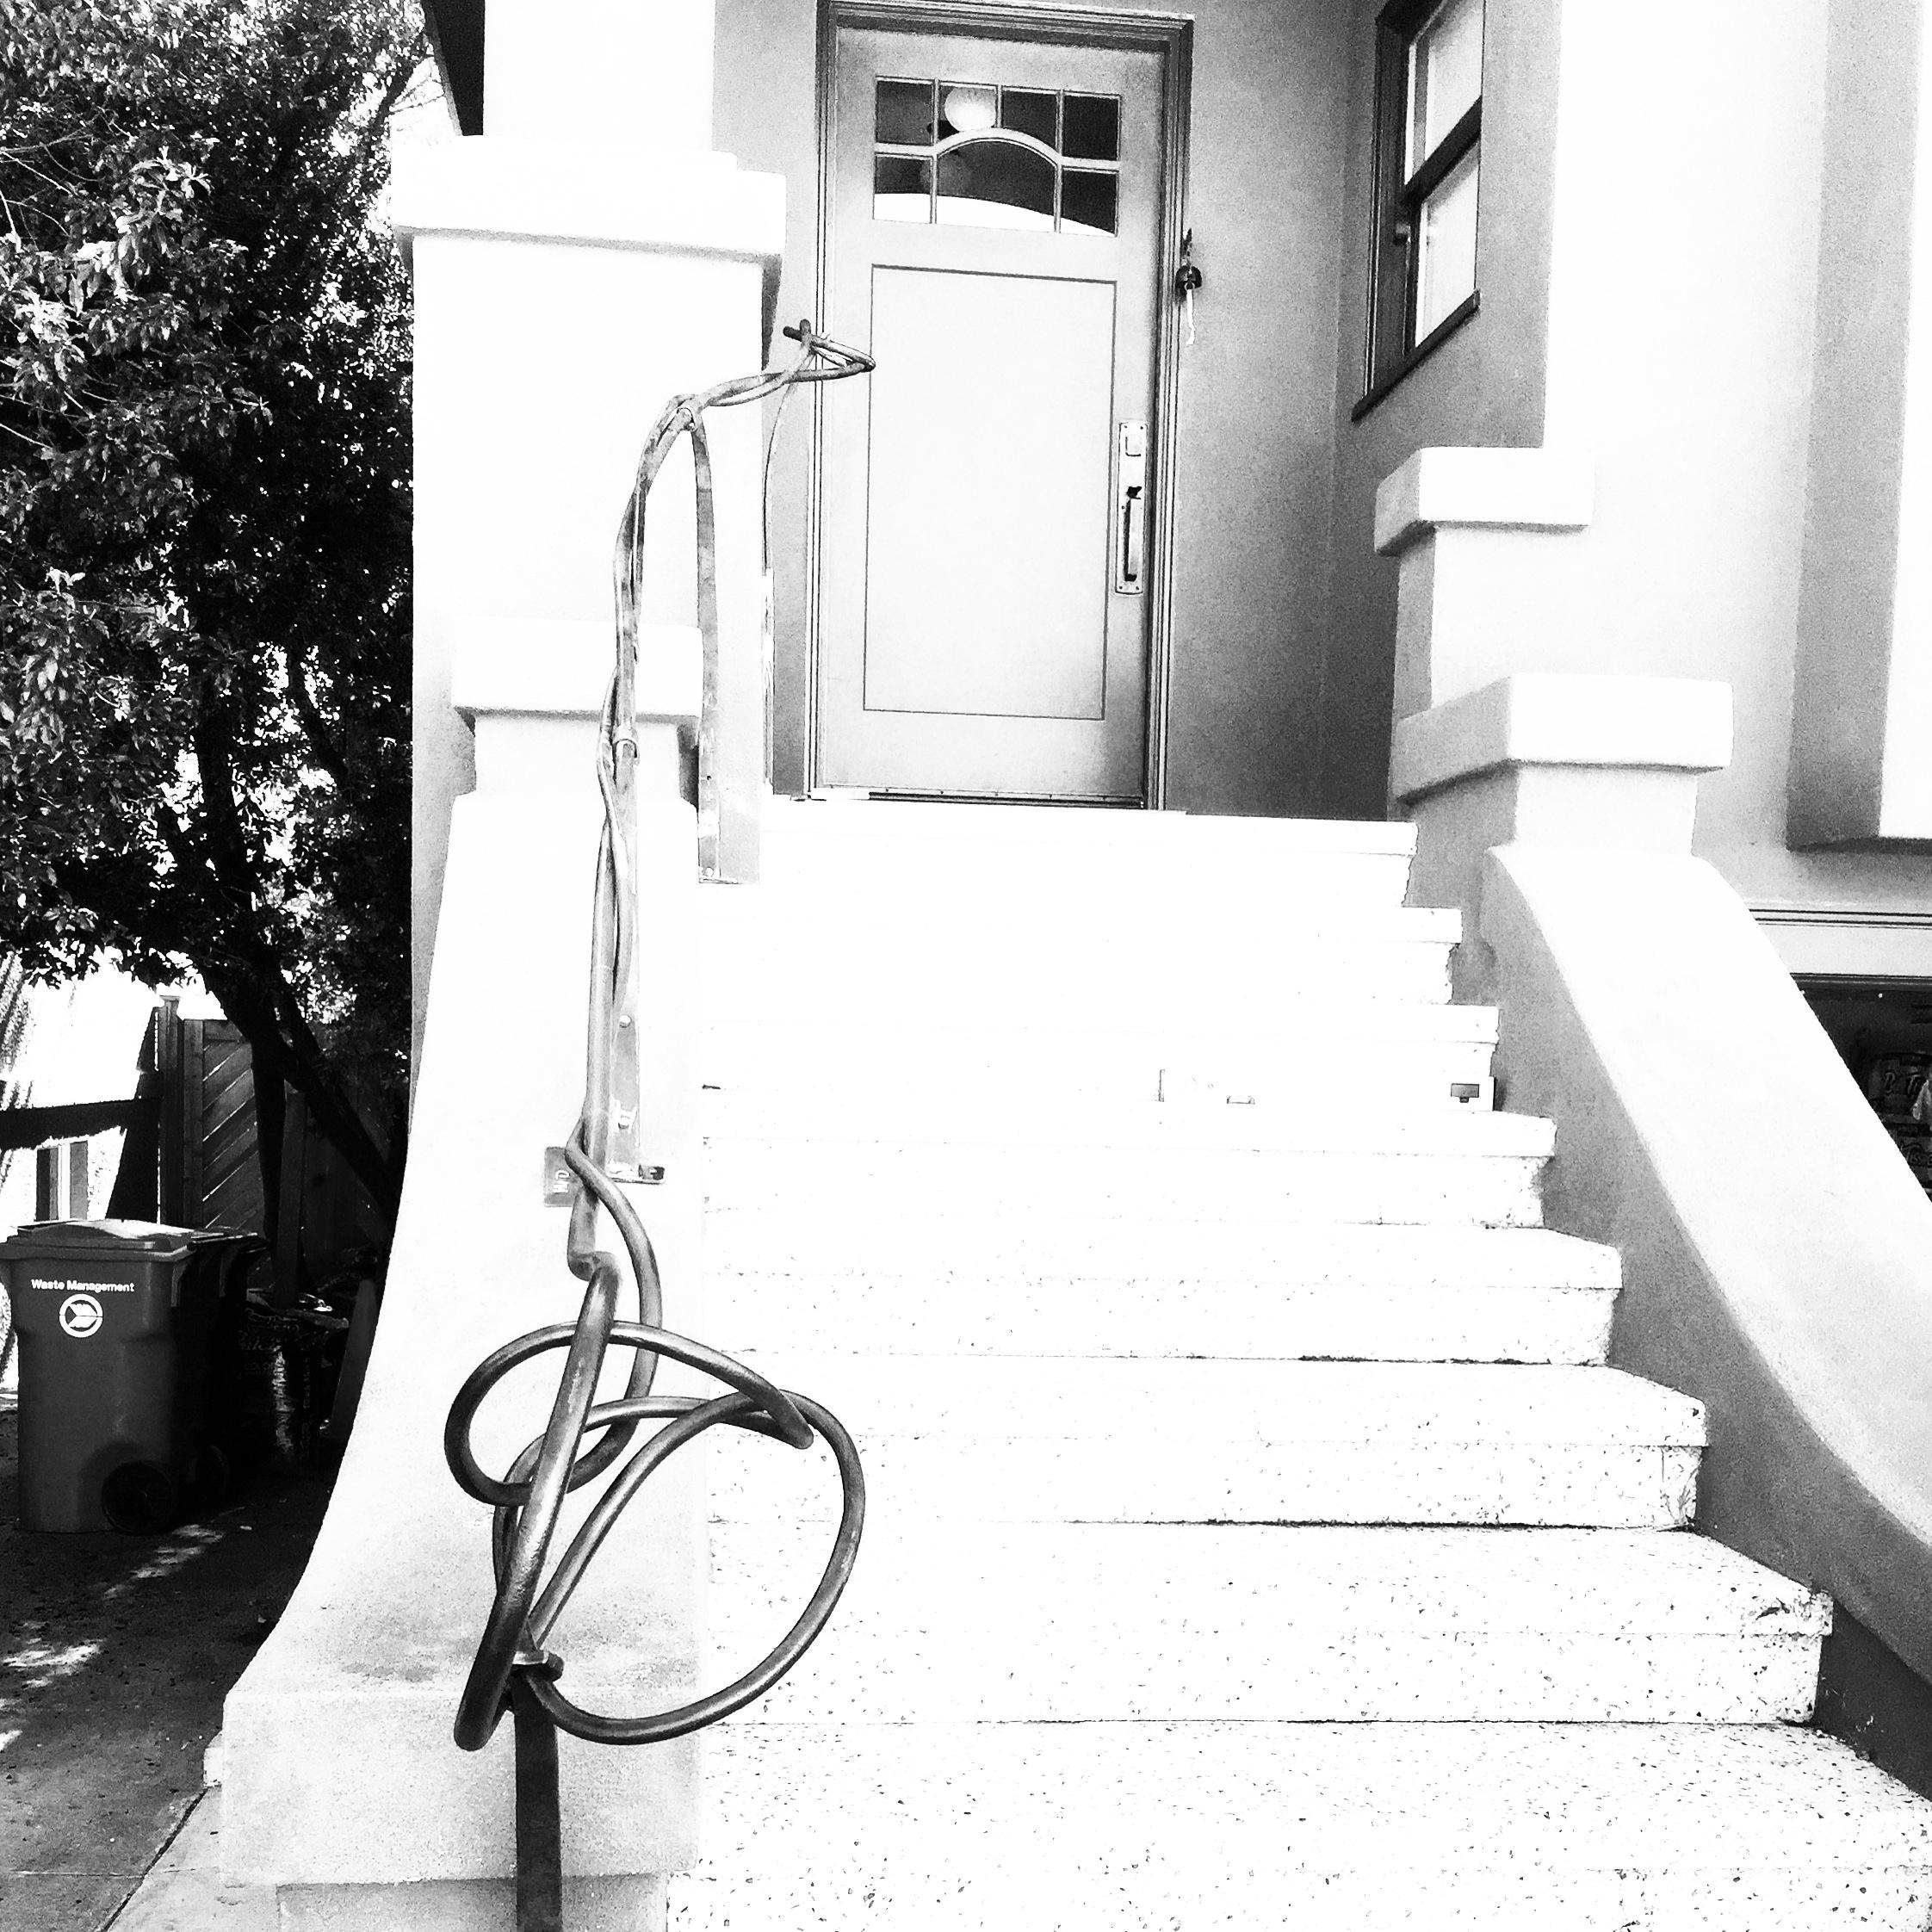 scribble handrail